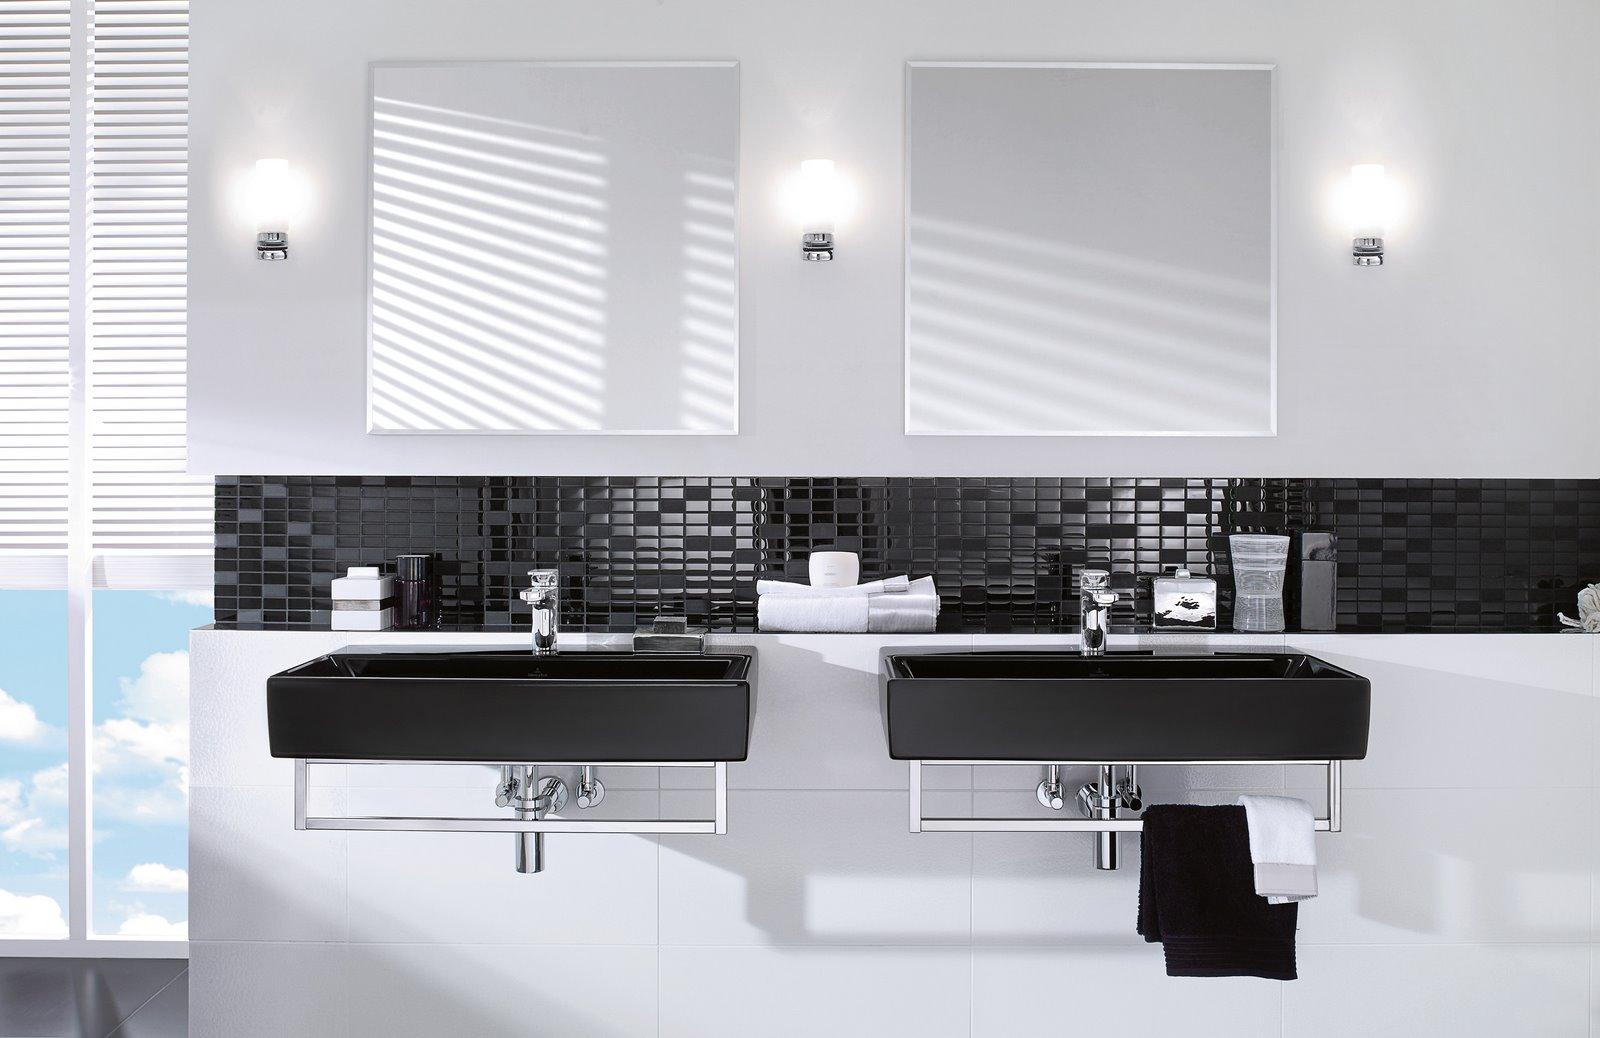 Alles over badkamers mooie badkamer van villeroy boch - Mooie badkamers ...